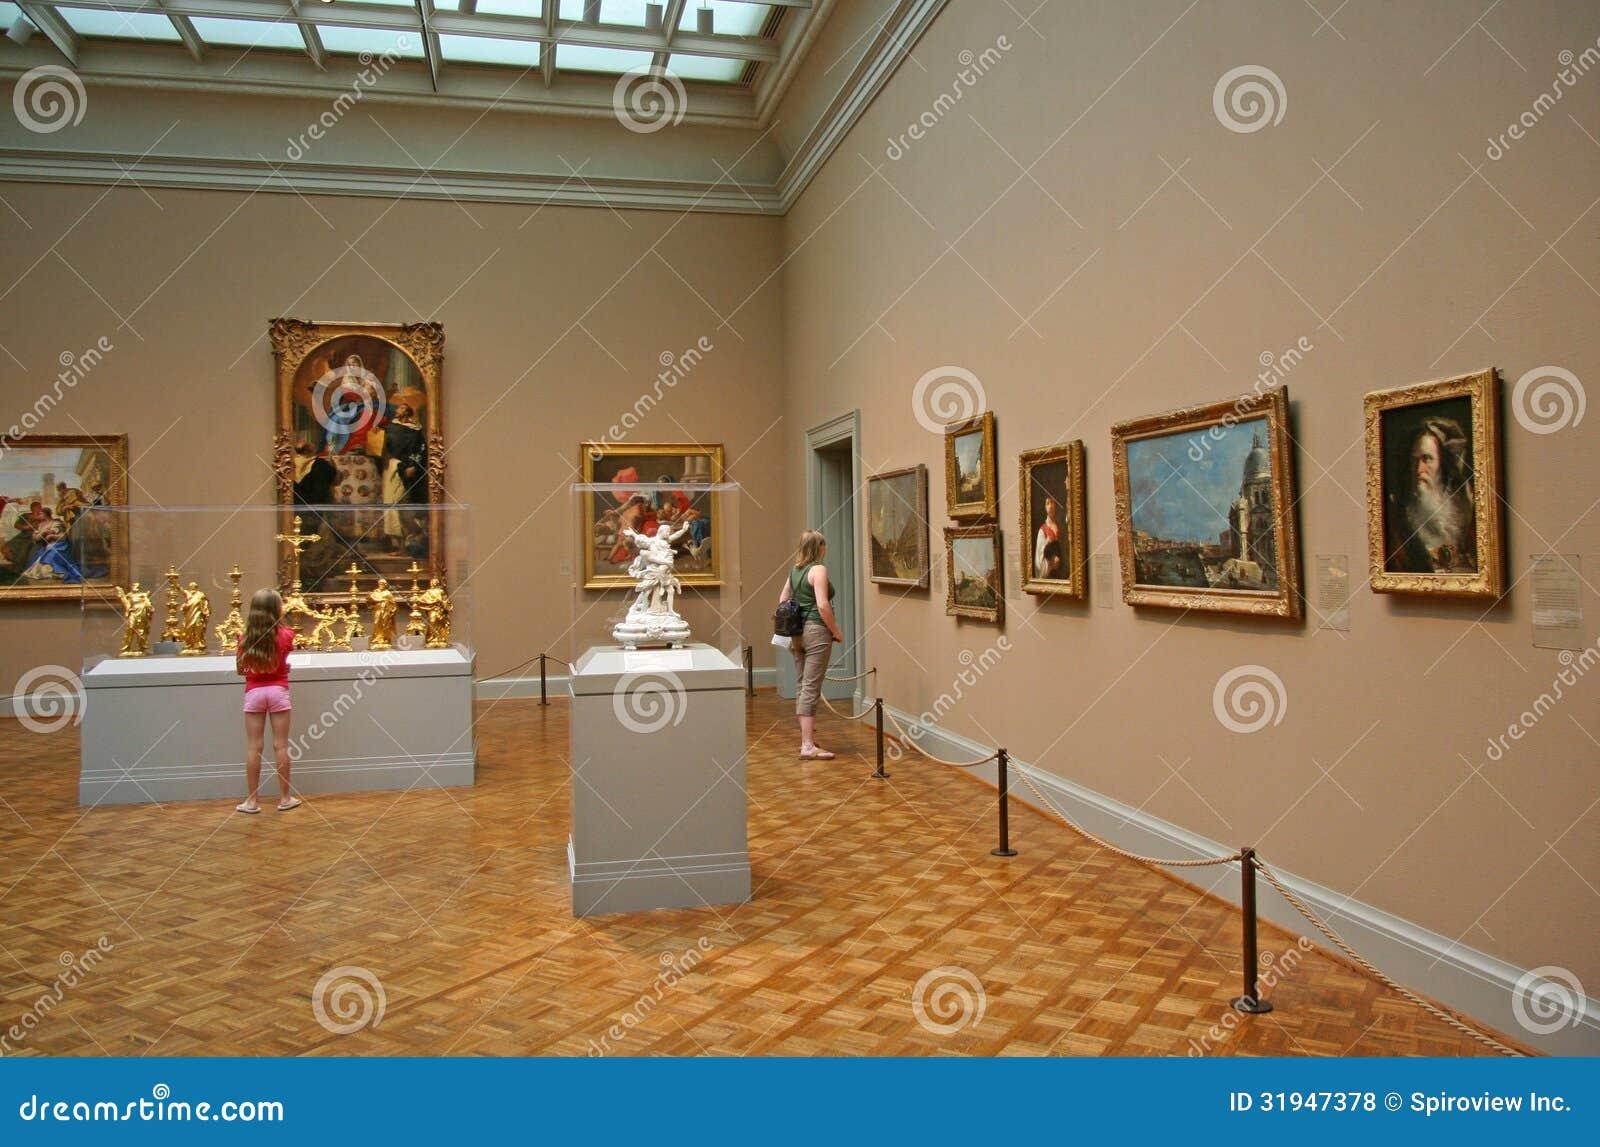 Galeria de arte com antigos mestres